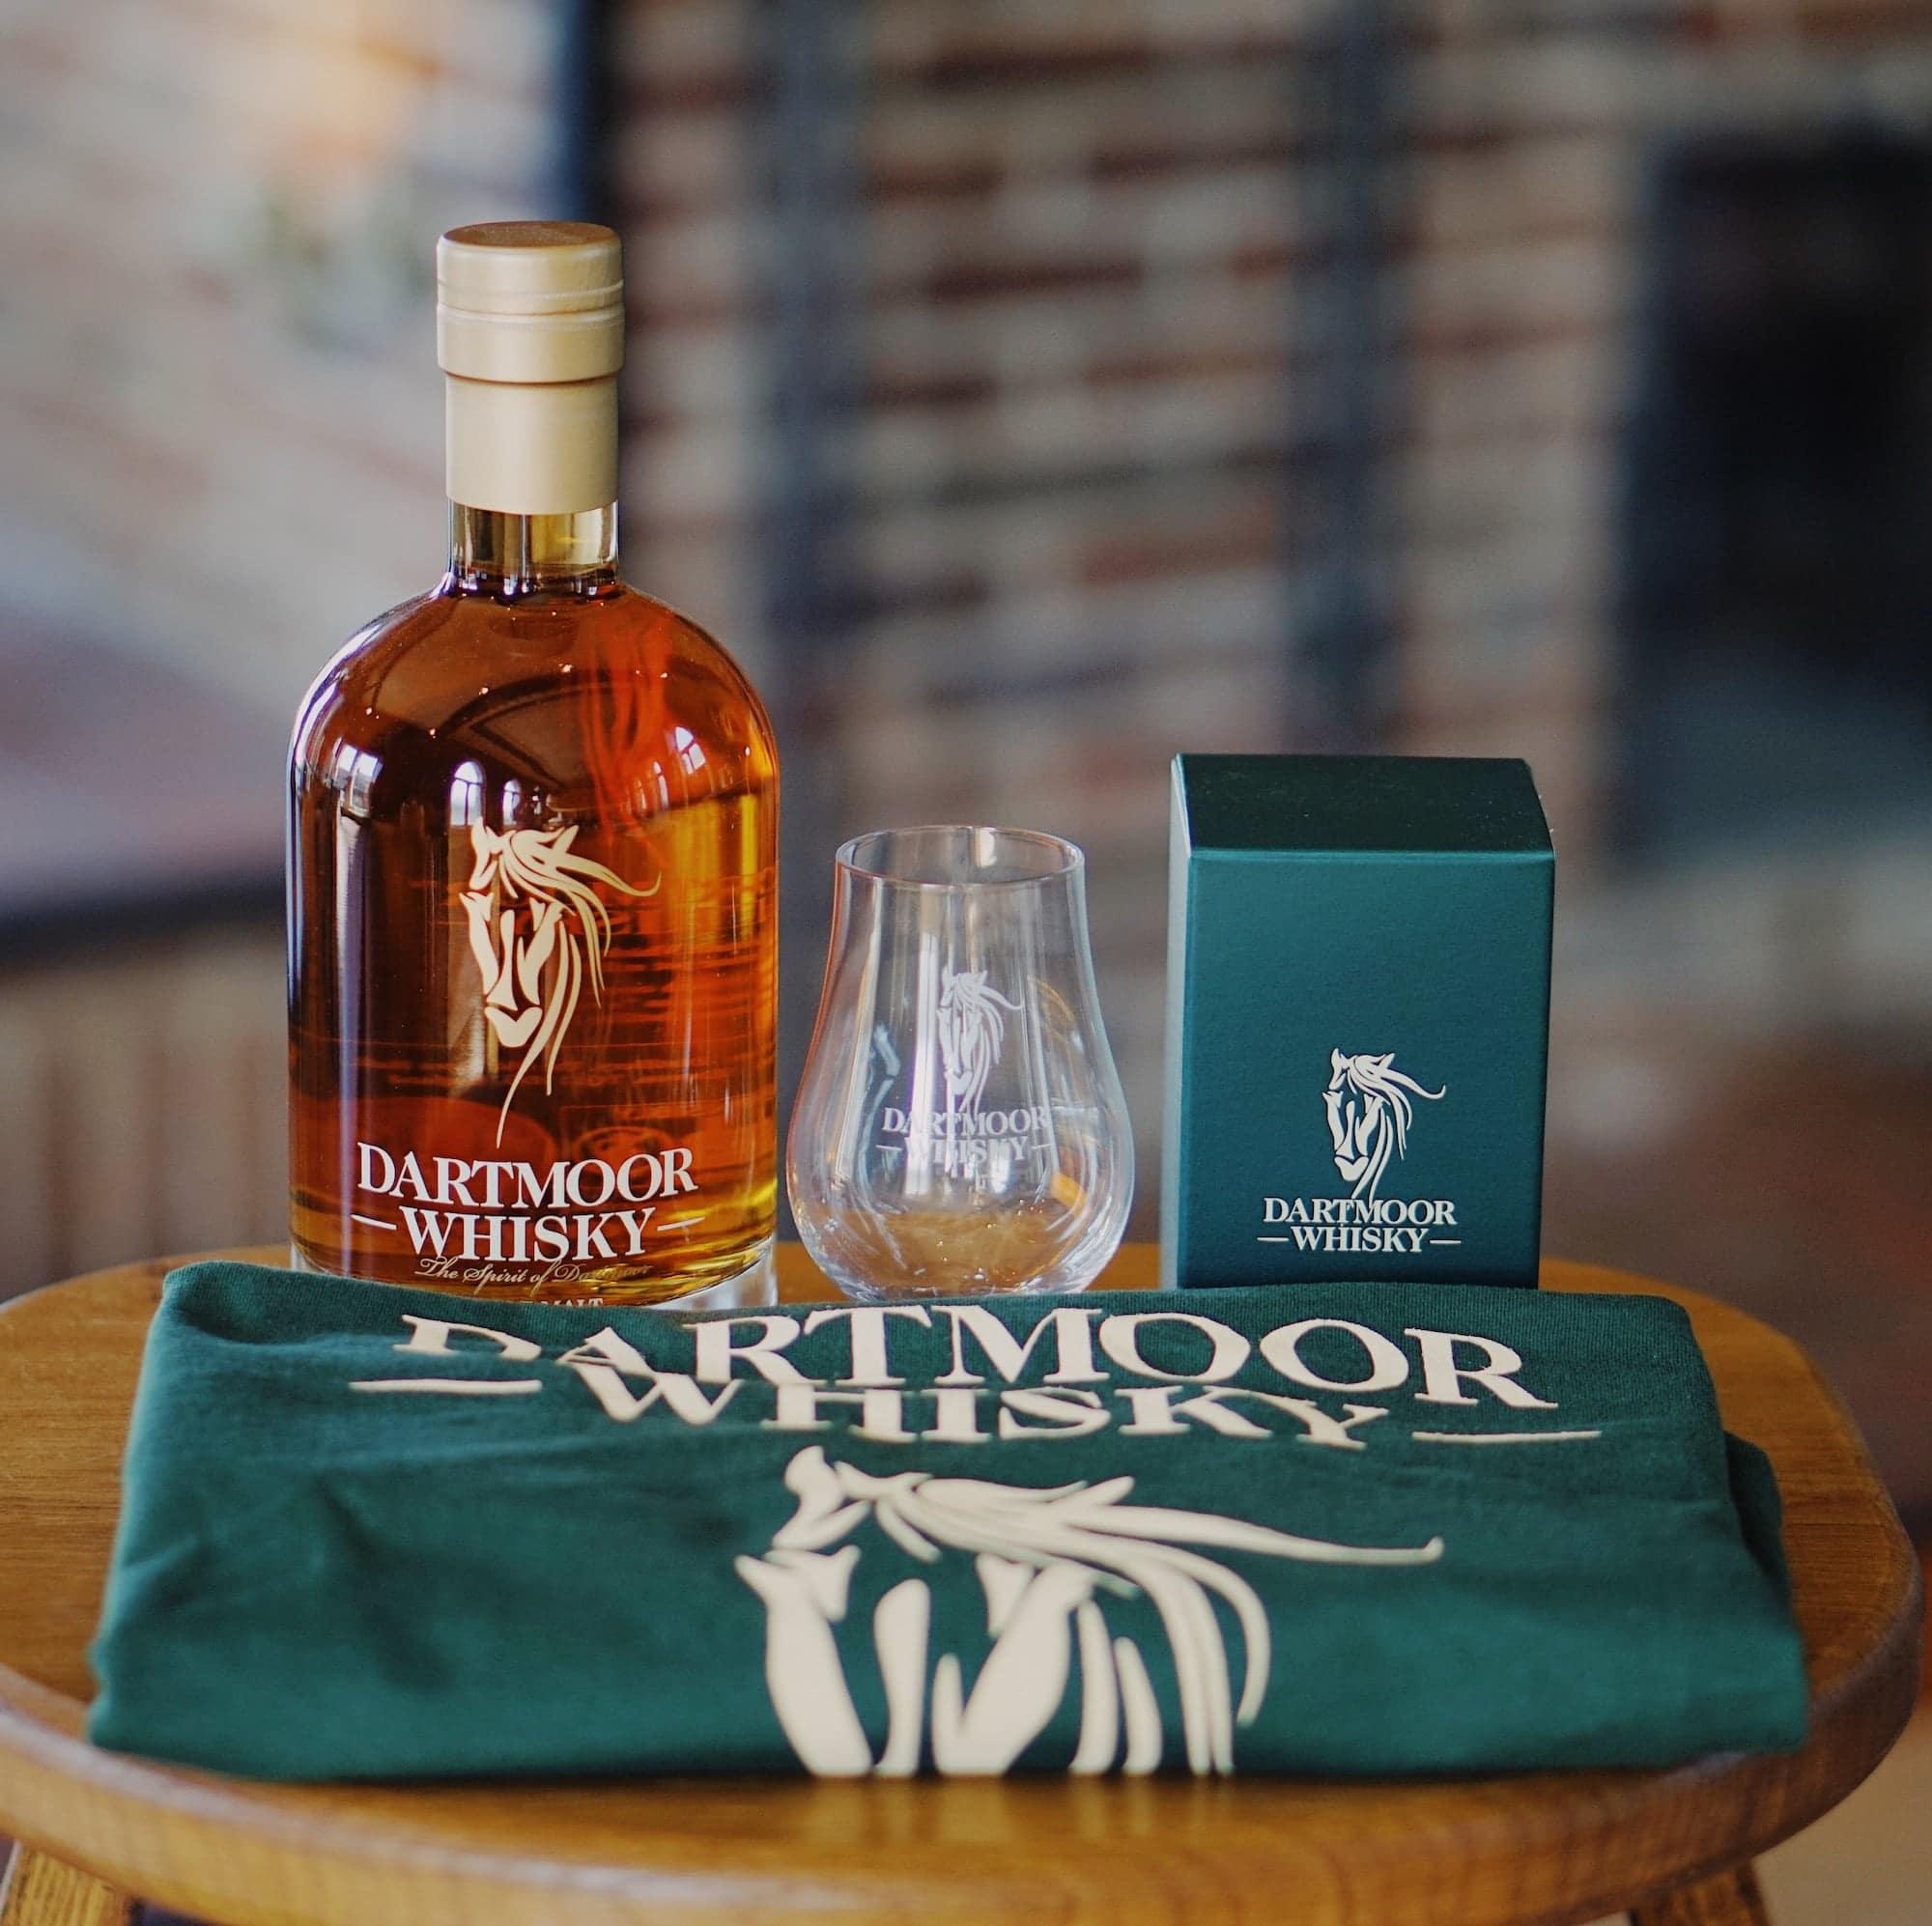 Dartmoor Whisky Distillery Whisky Lover's Gift Set